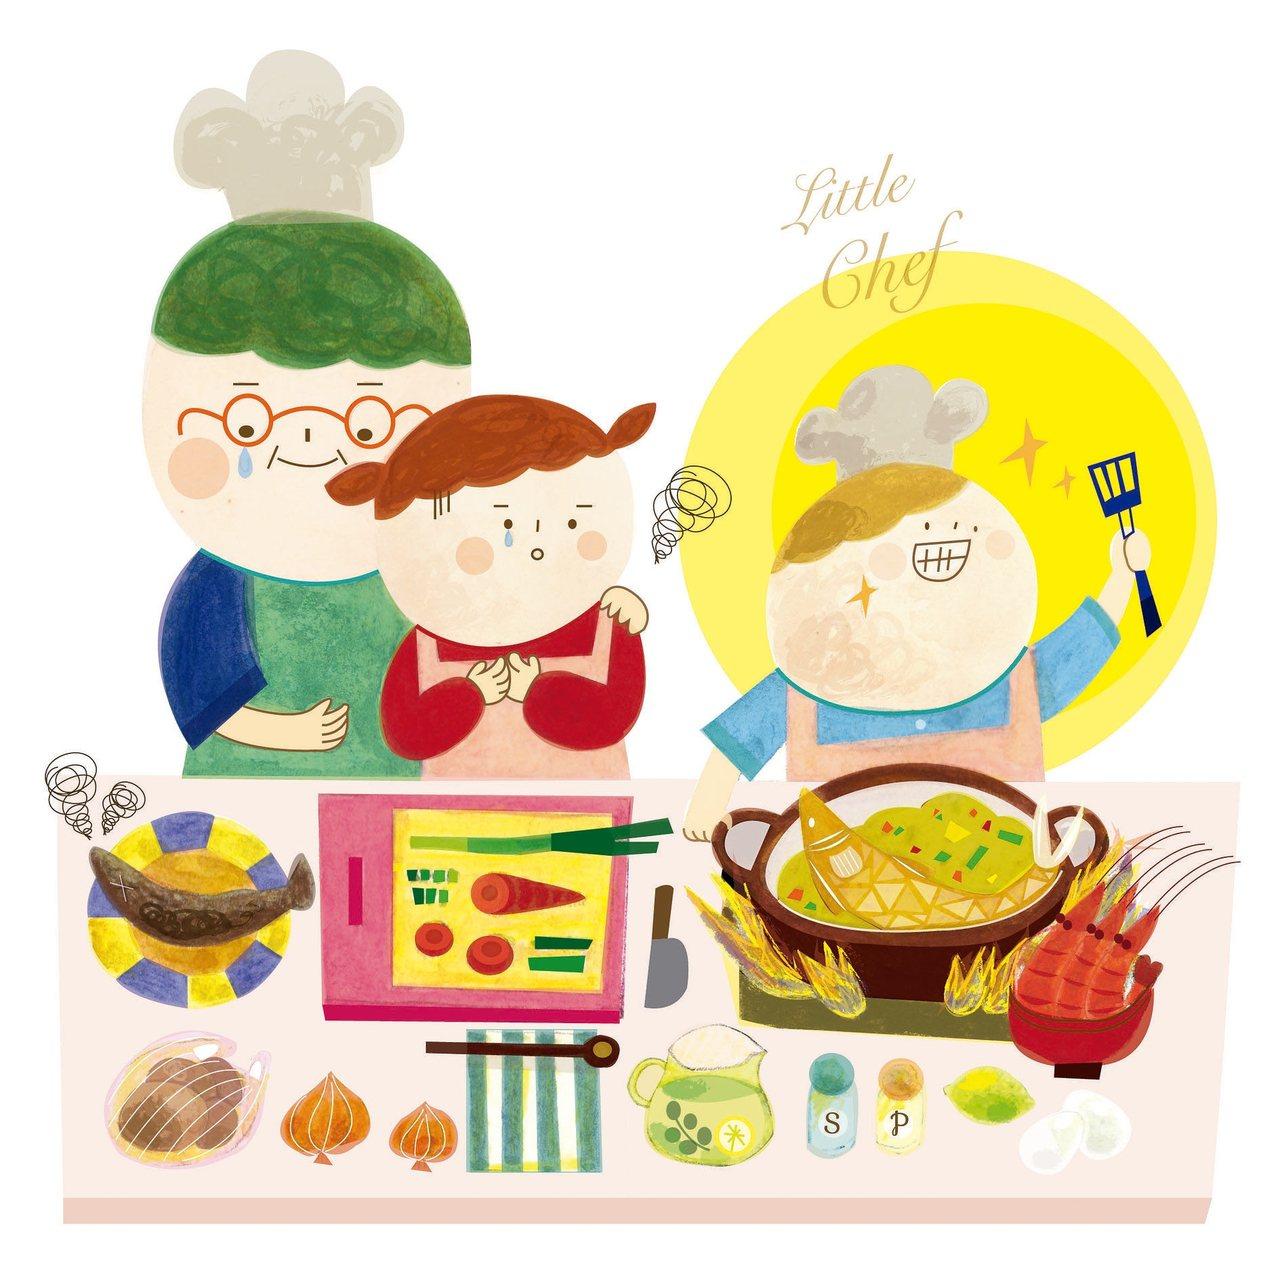 煮魚湯不用煎應該難不倒我,薑片切細絲、米酒輕輕灑,起鍋前再丟些蔥珠增香添味兒,兩...